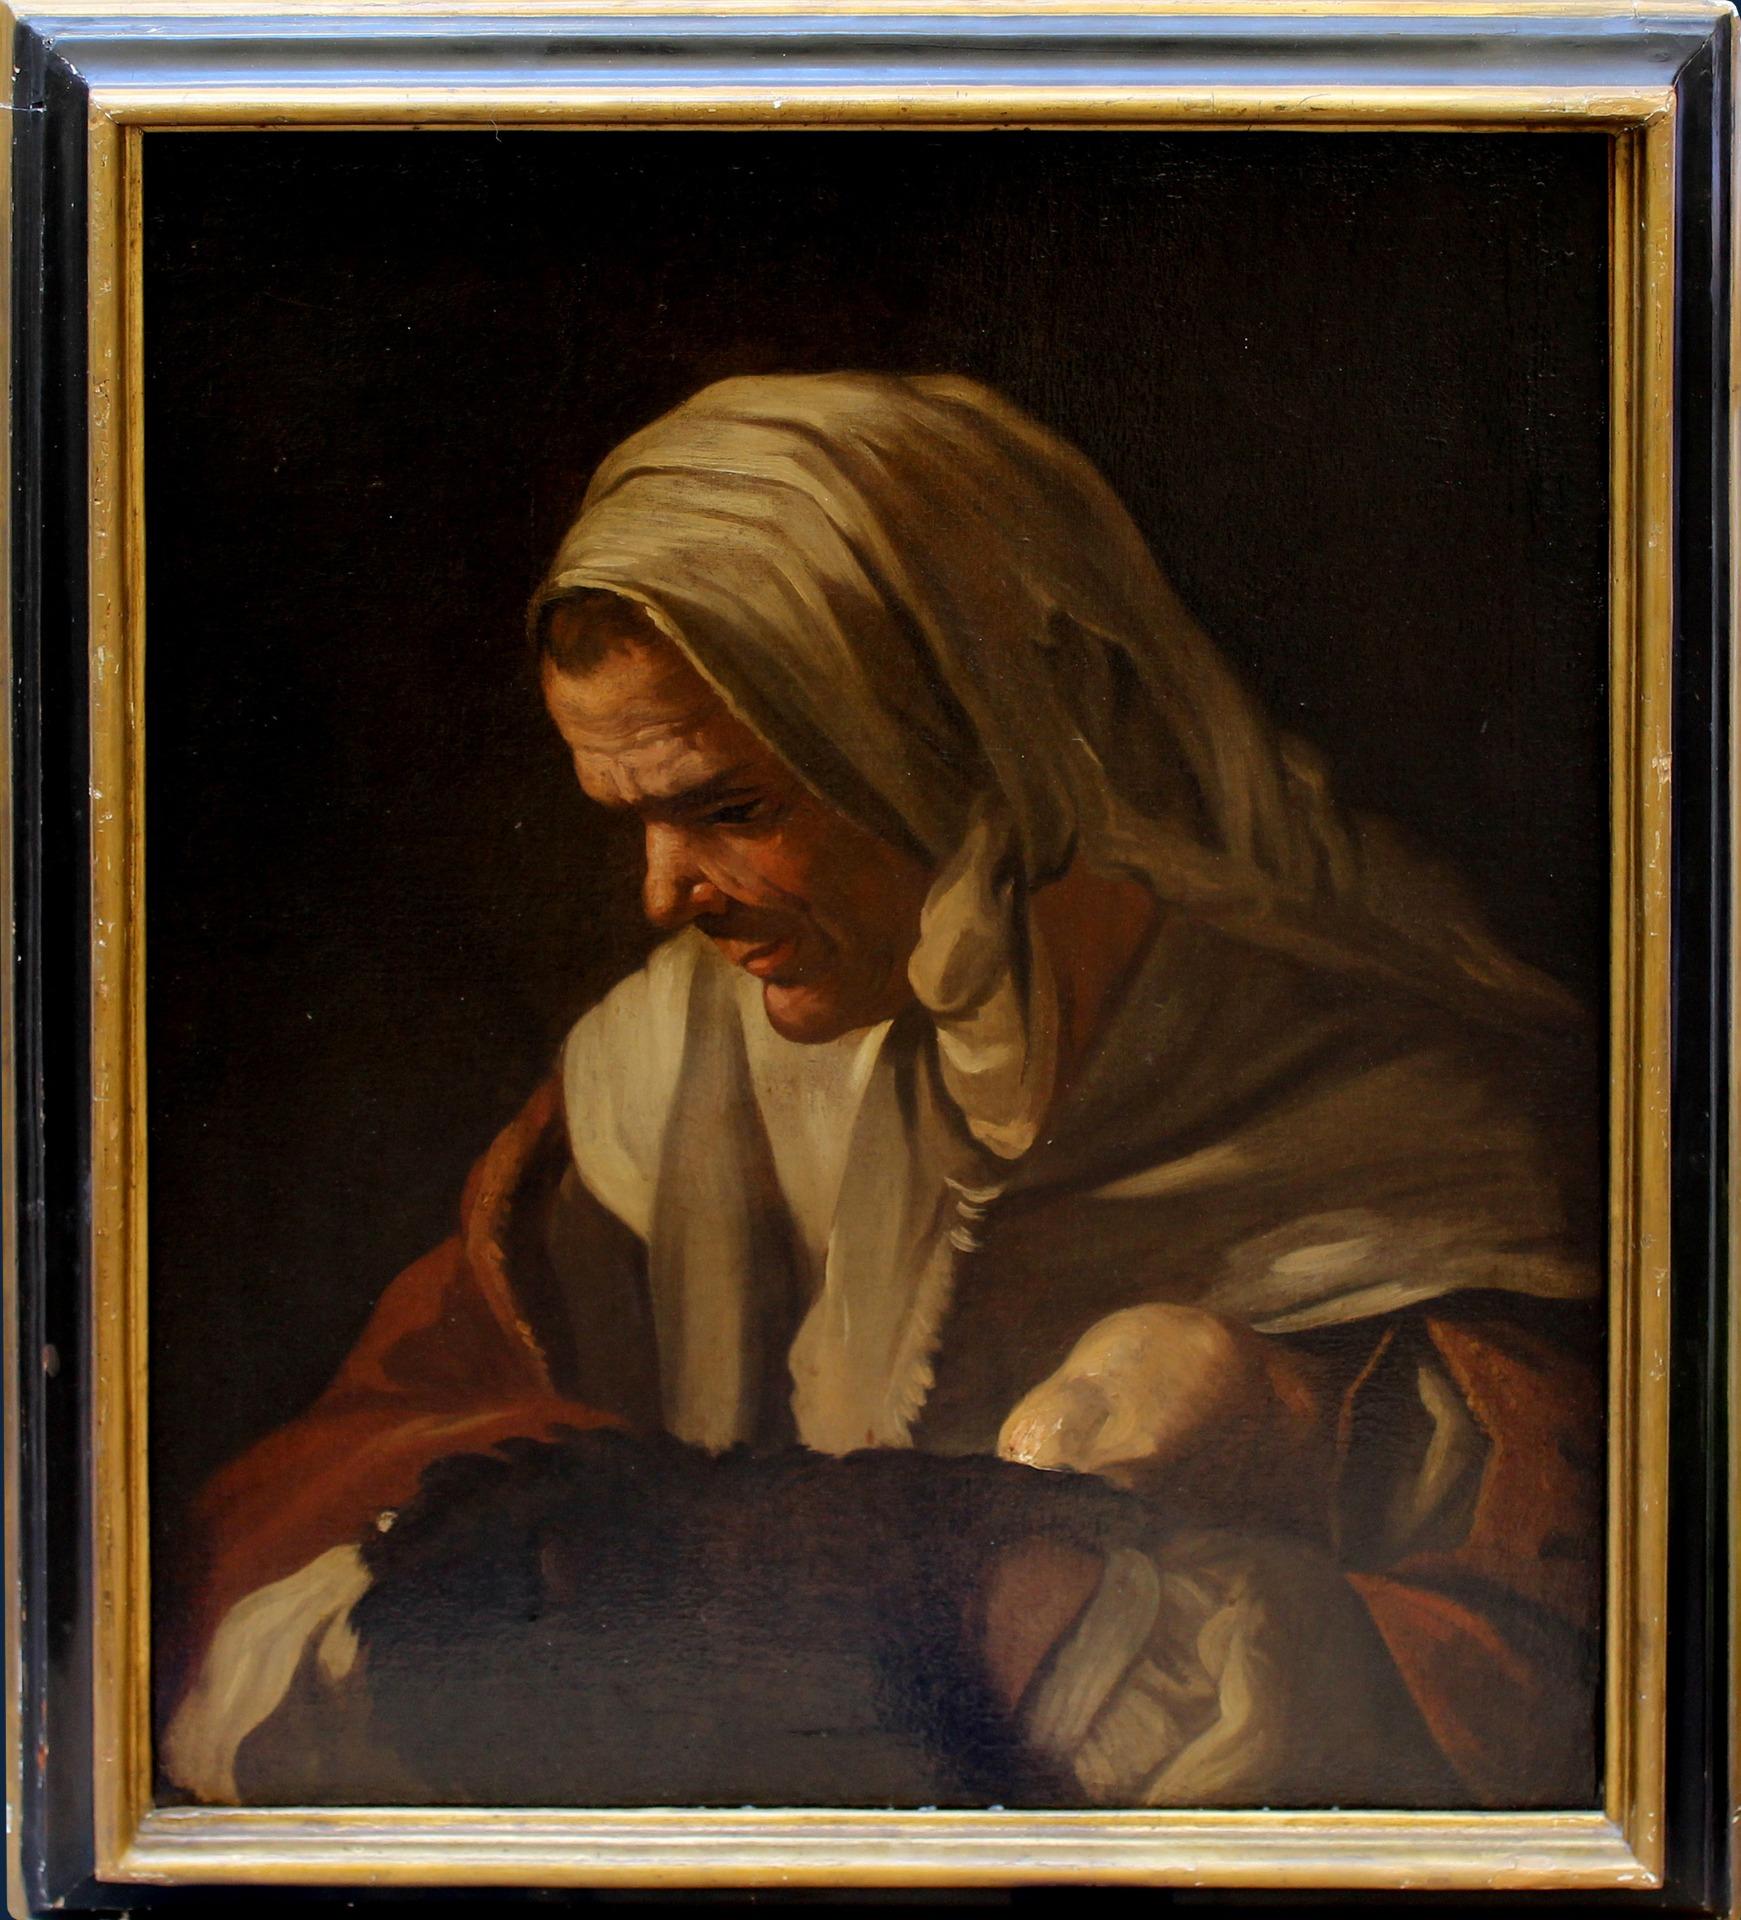 thumb2 Donna con scaldino, Antonio Cifrondi (1665 - 1730)